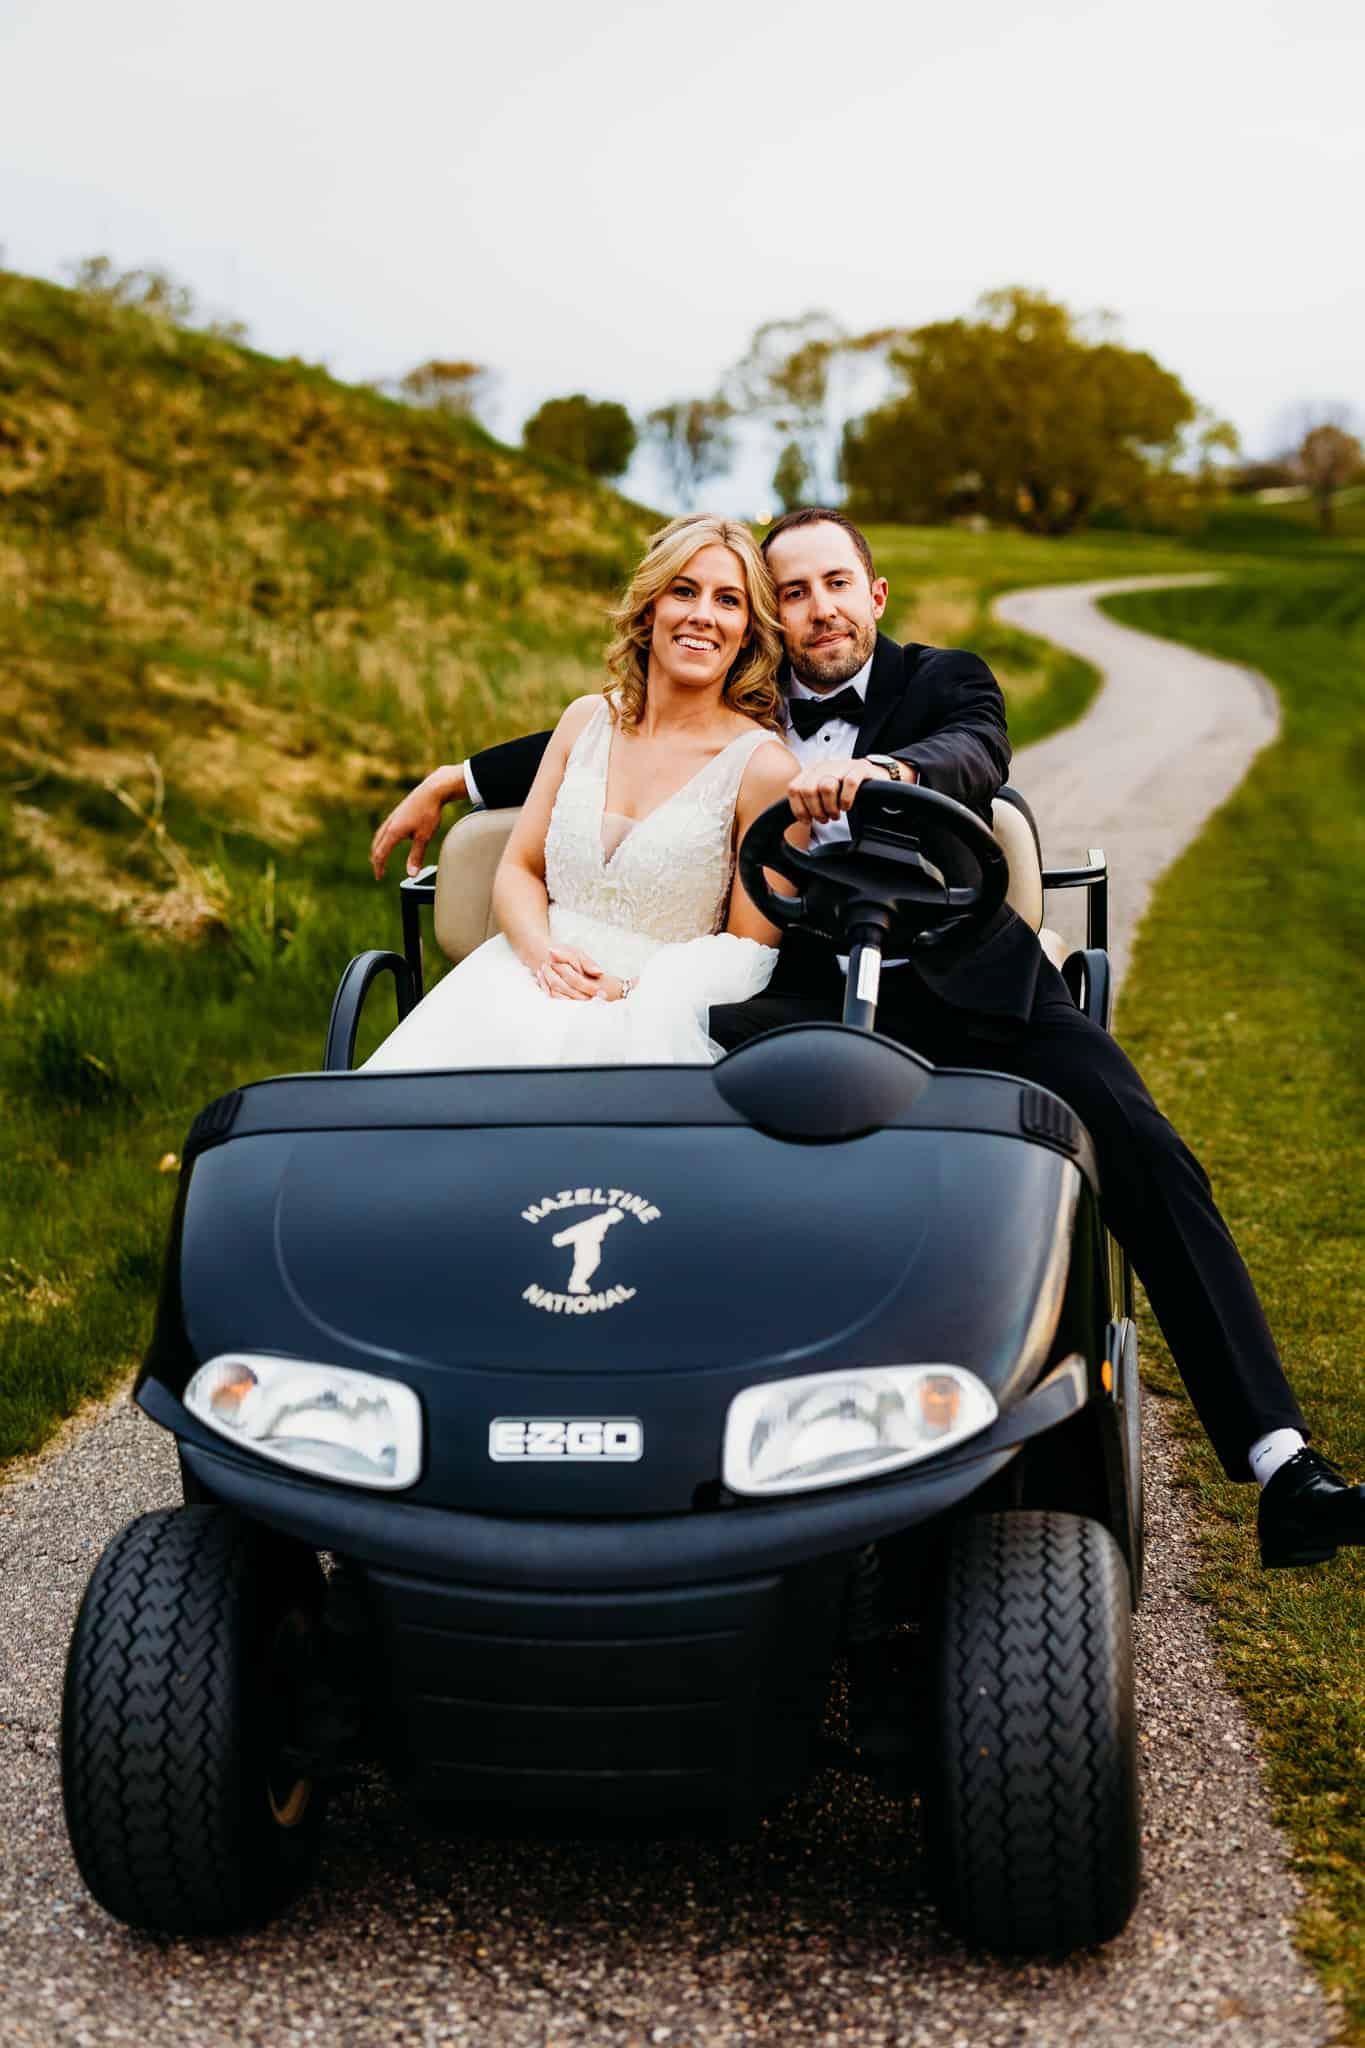 newlyweds pose in a golf cart at their Hazeltine National Golf Club Wedding